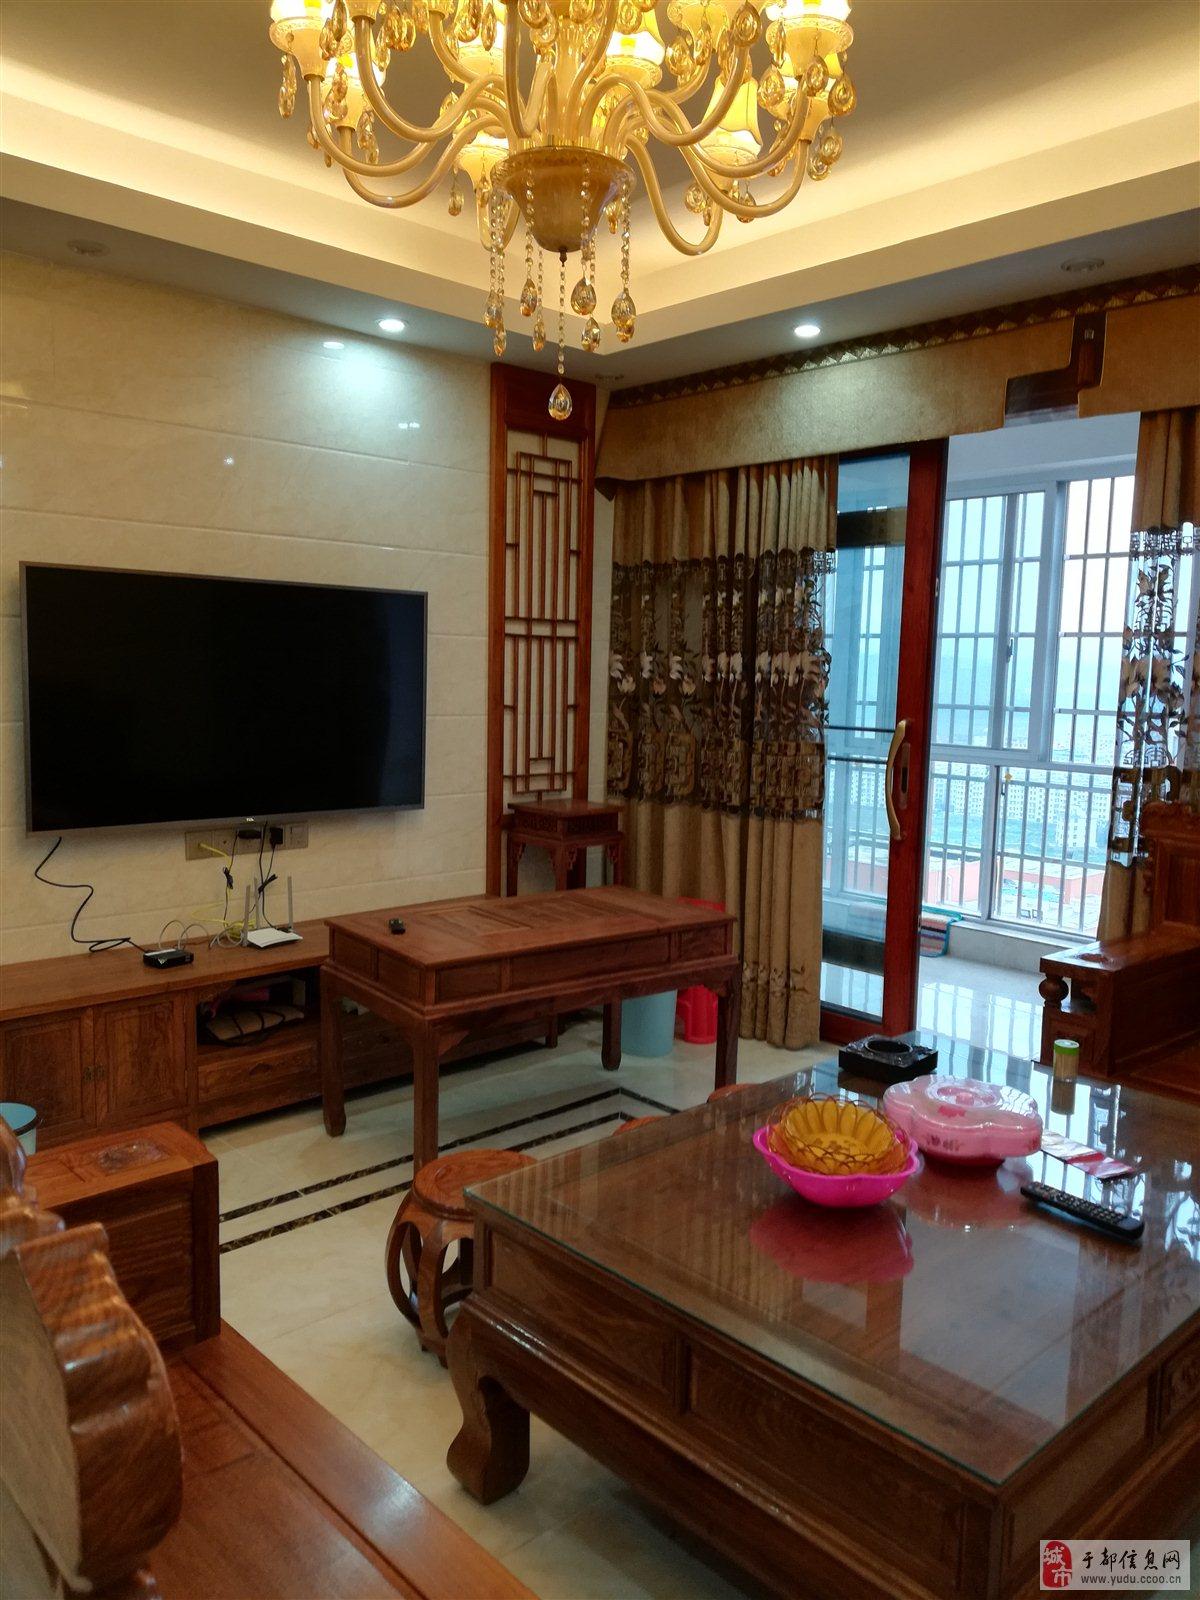 福熙城大小区豪华装修送红木品牌家私149万元